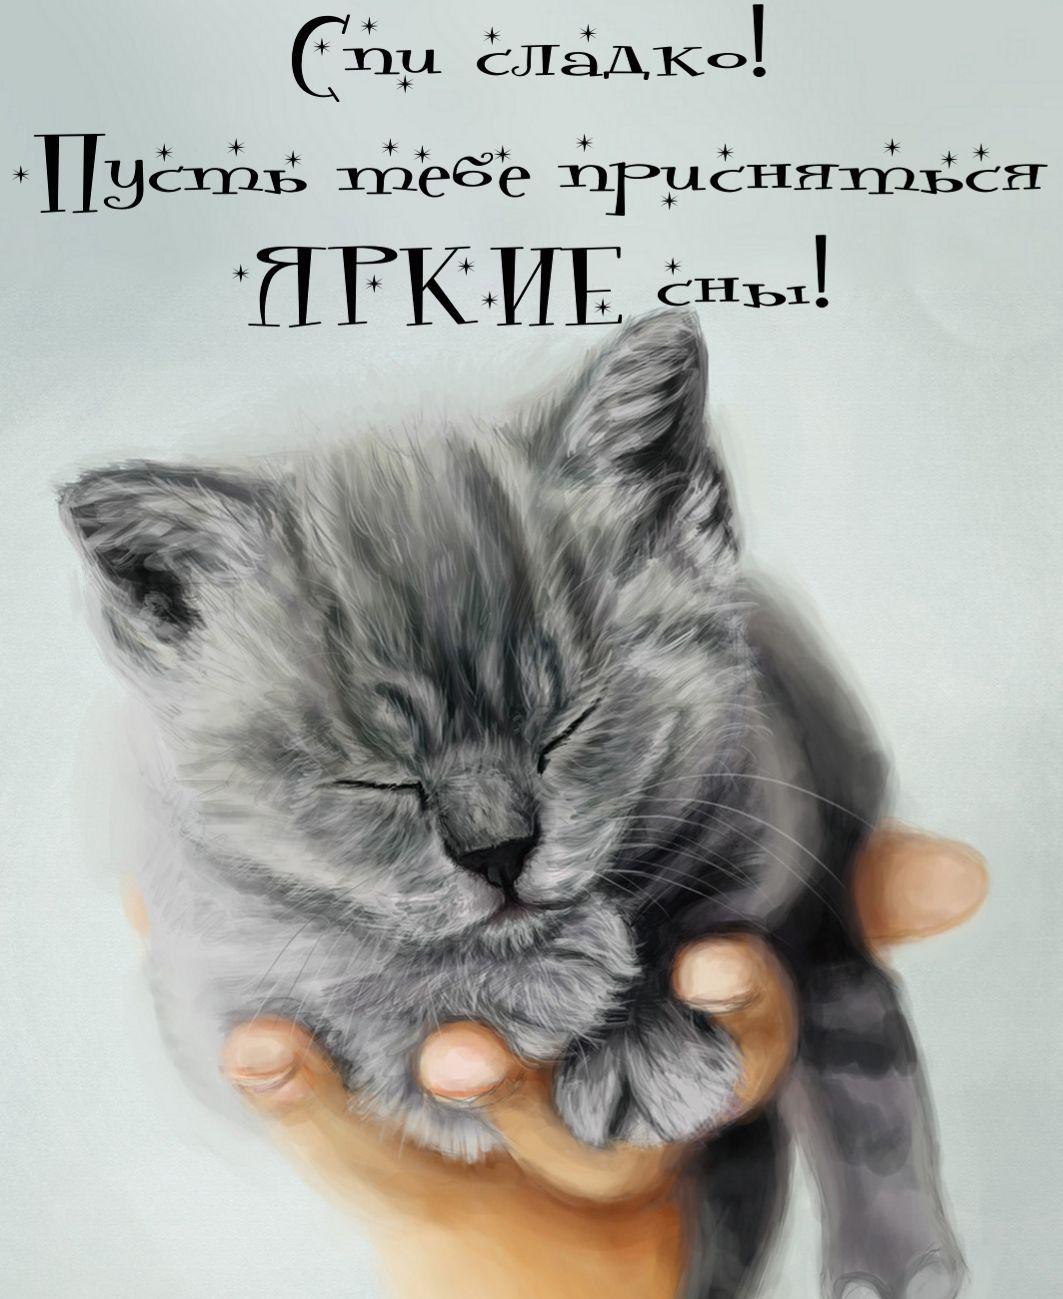 открытка - маленький котенок спит на руке